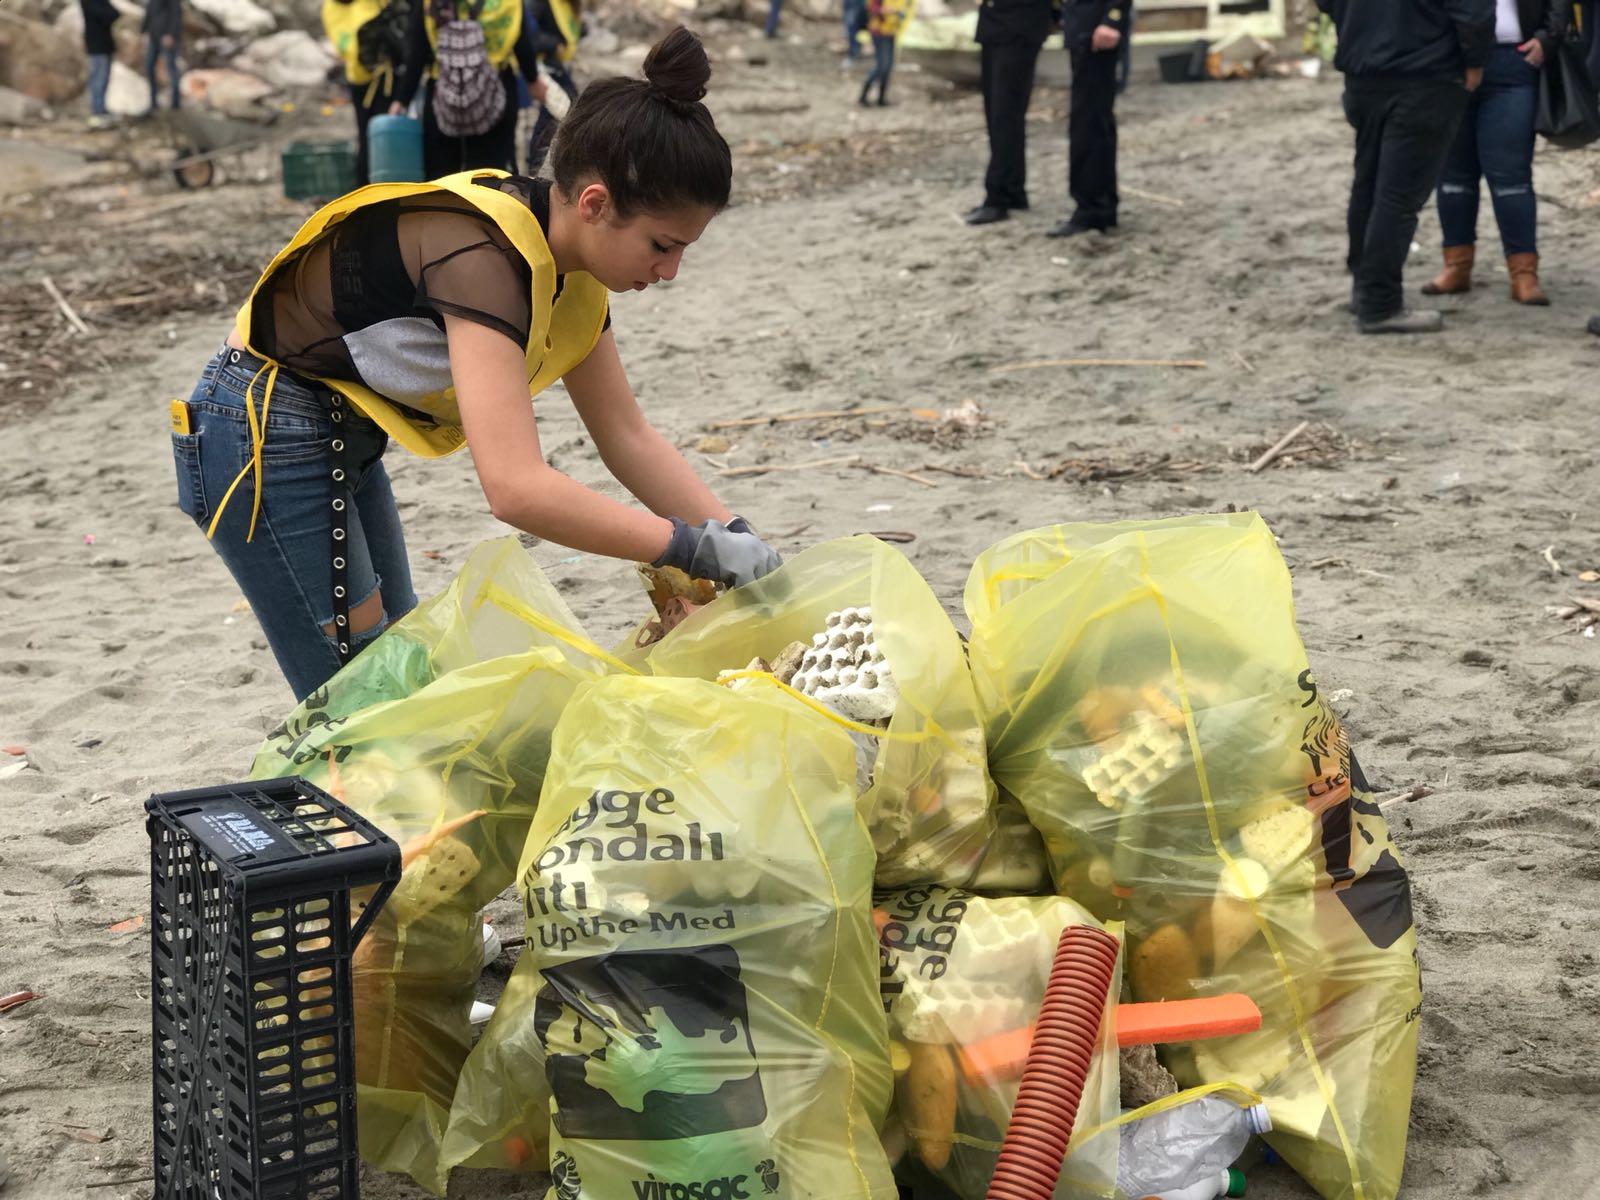 Pulizia spiaggia Castel Volturno, riempiti 150 sacchi di rifiuti